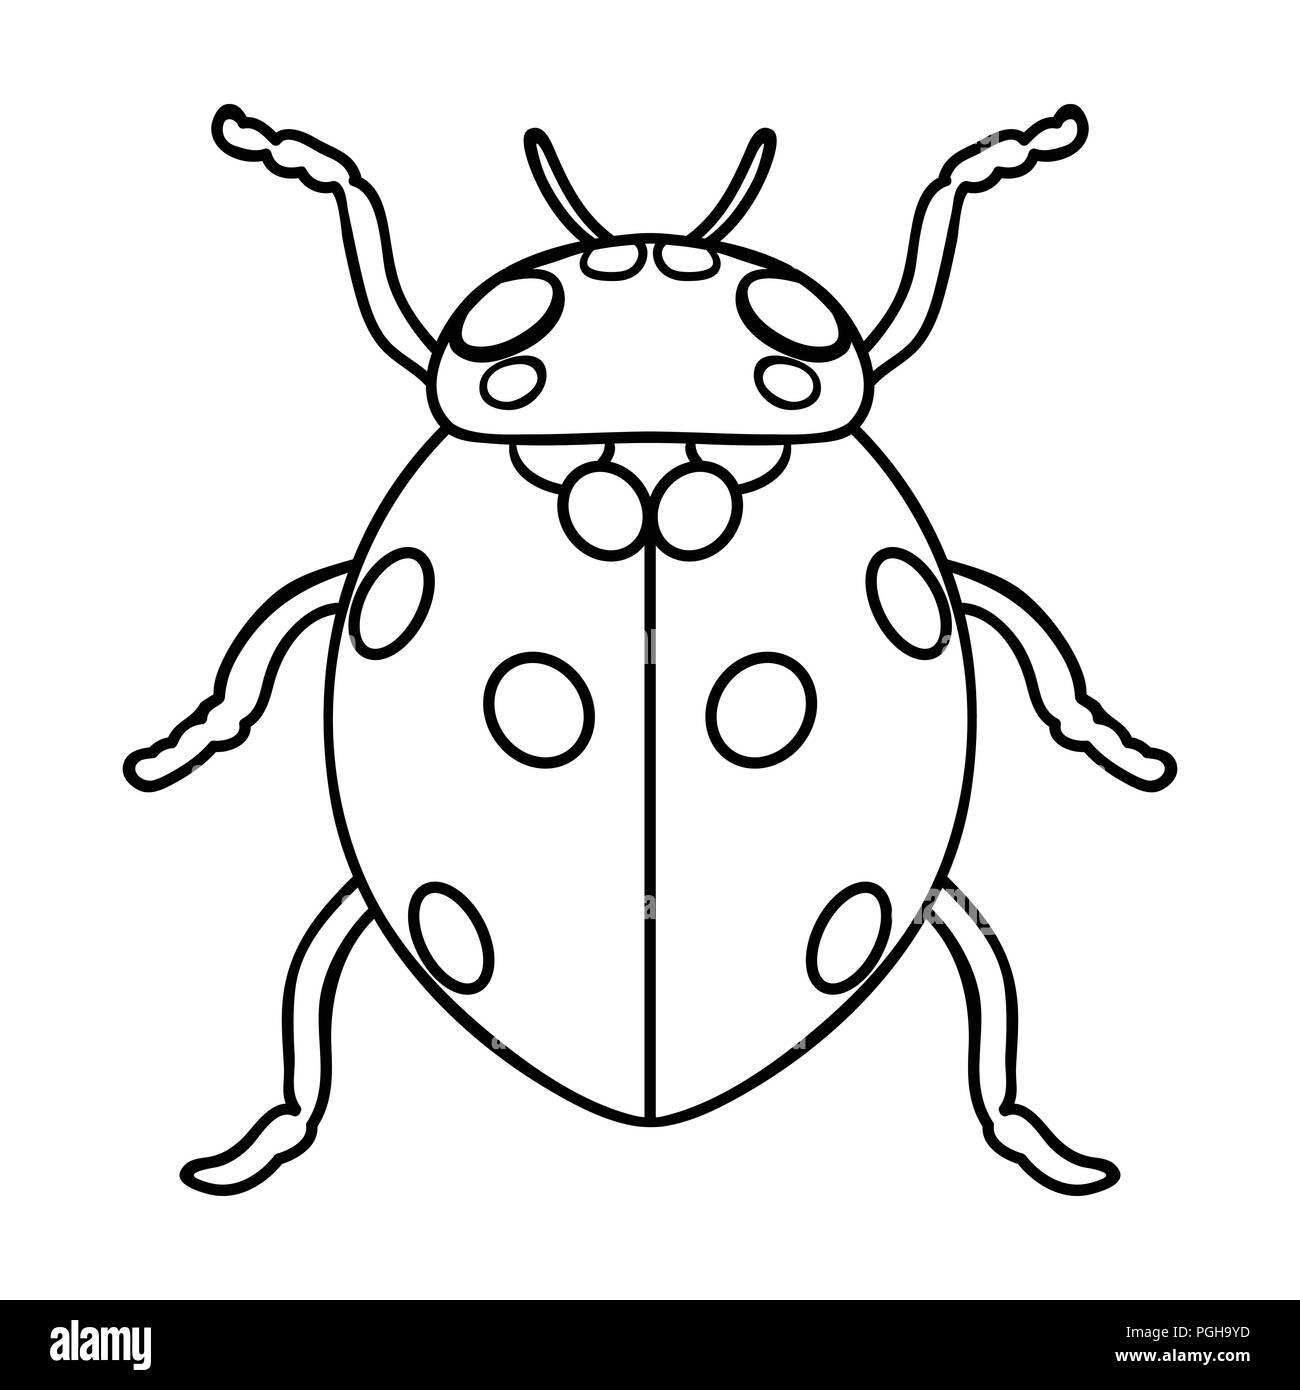 Coccinelle Symbole dans l'icône coccinelle avant-projet isolé sur fond blanc. symbole d